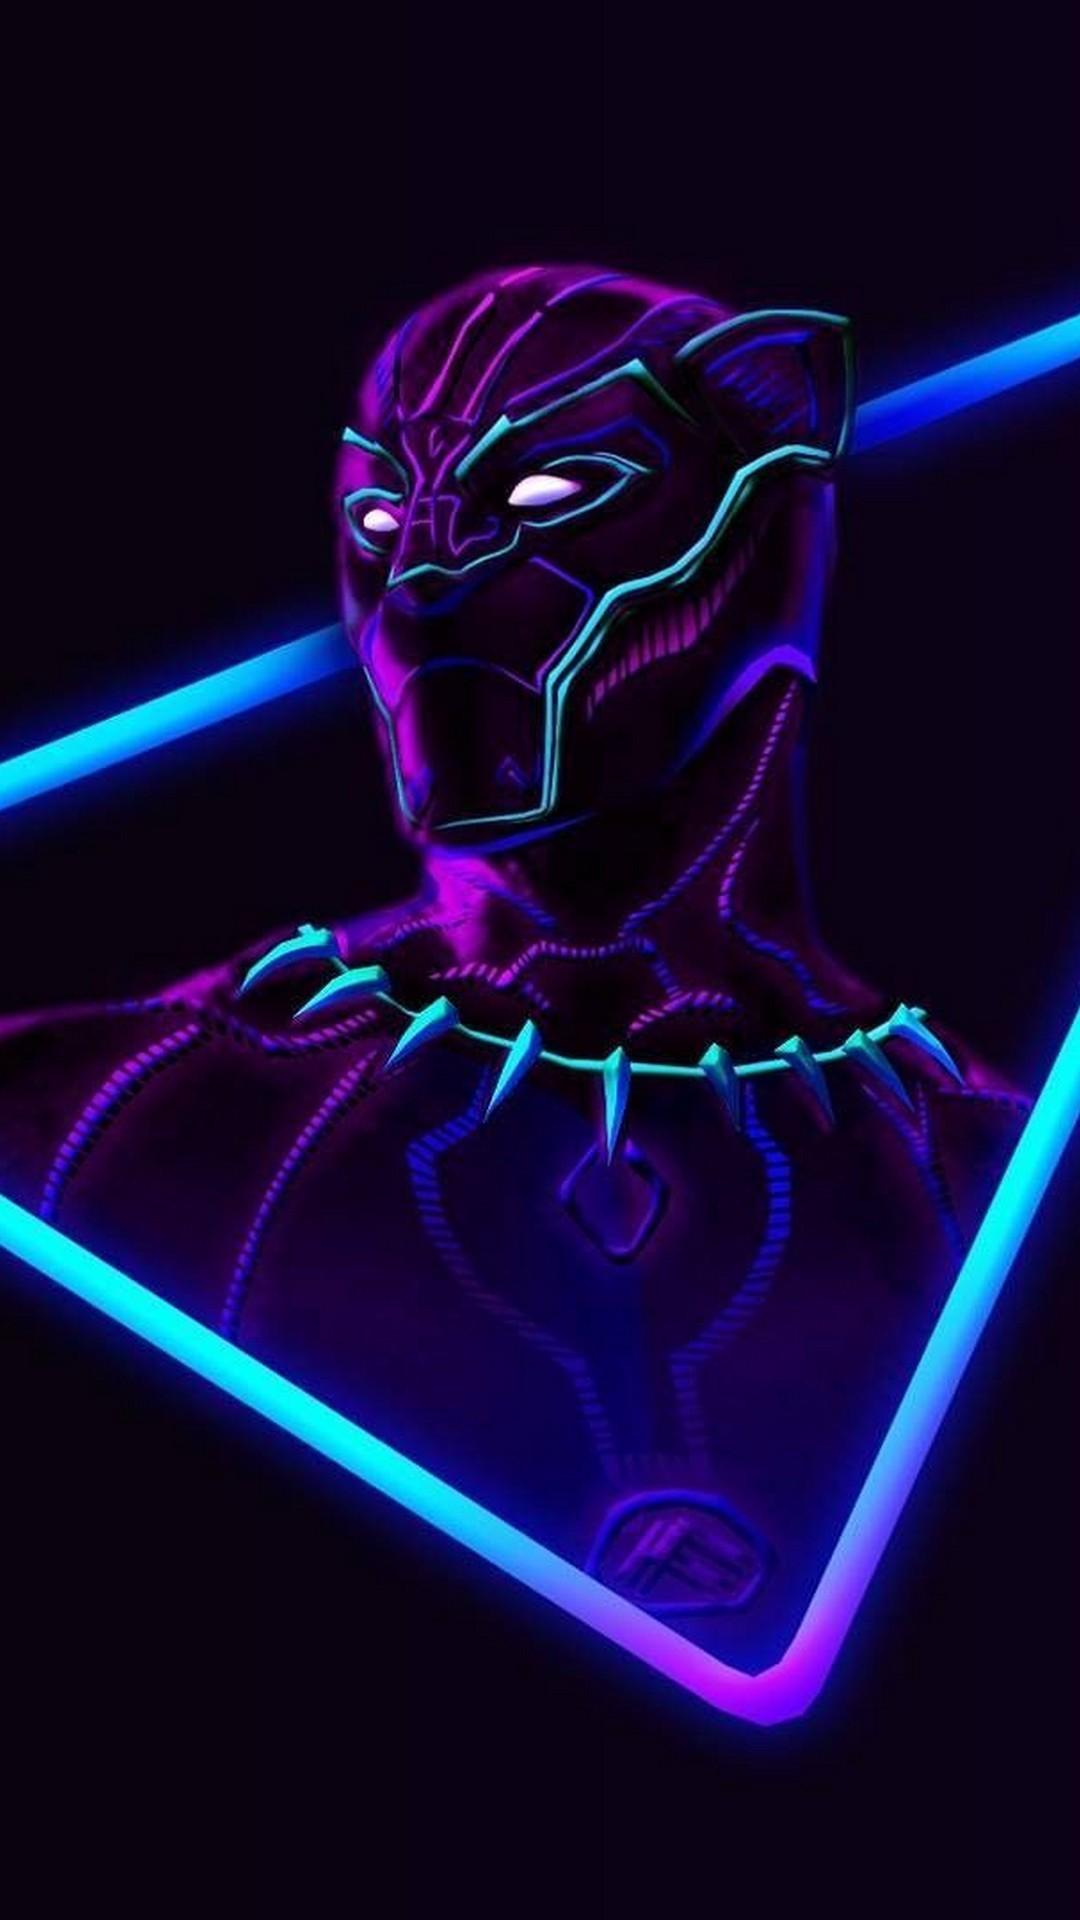 Hình nền Black Panther cho Android